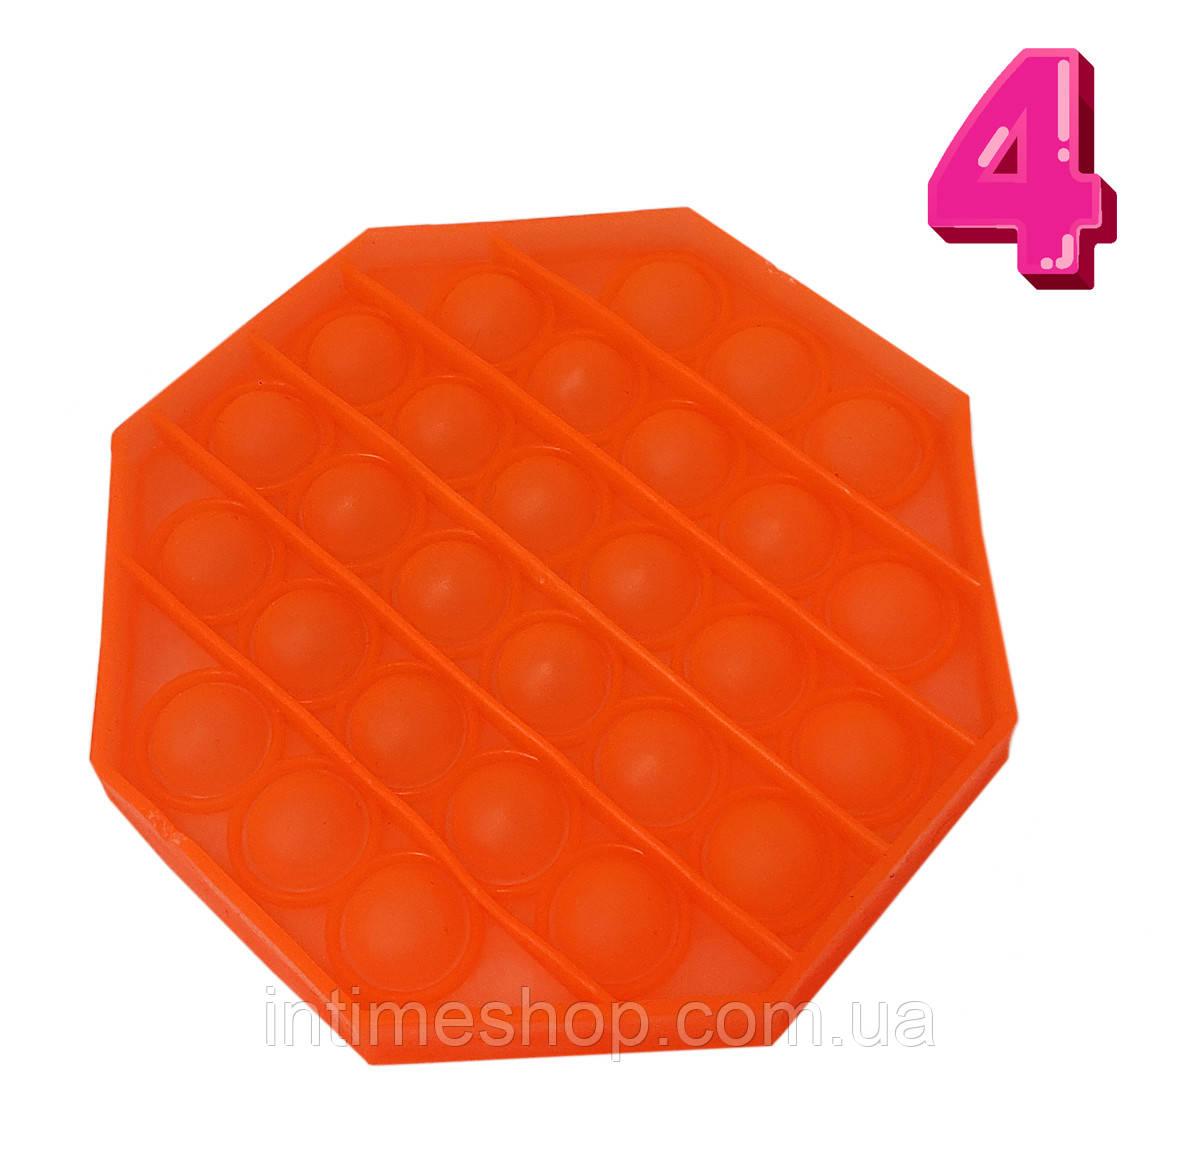 Сенсорная игрушка антистресс Оранжевый восьмиугольник 12.5х12.5 см №4, Pop It антистресс для рук (TI)